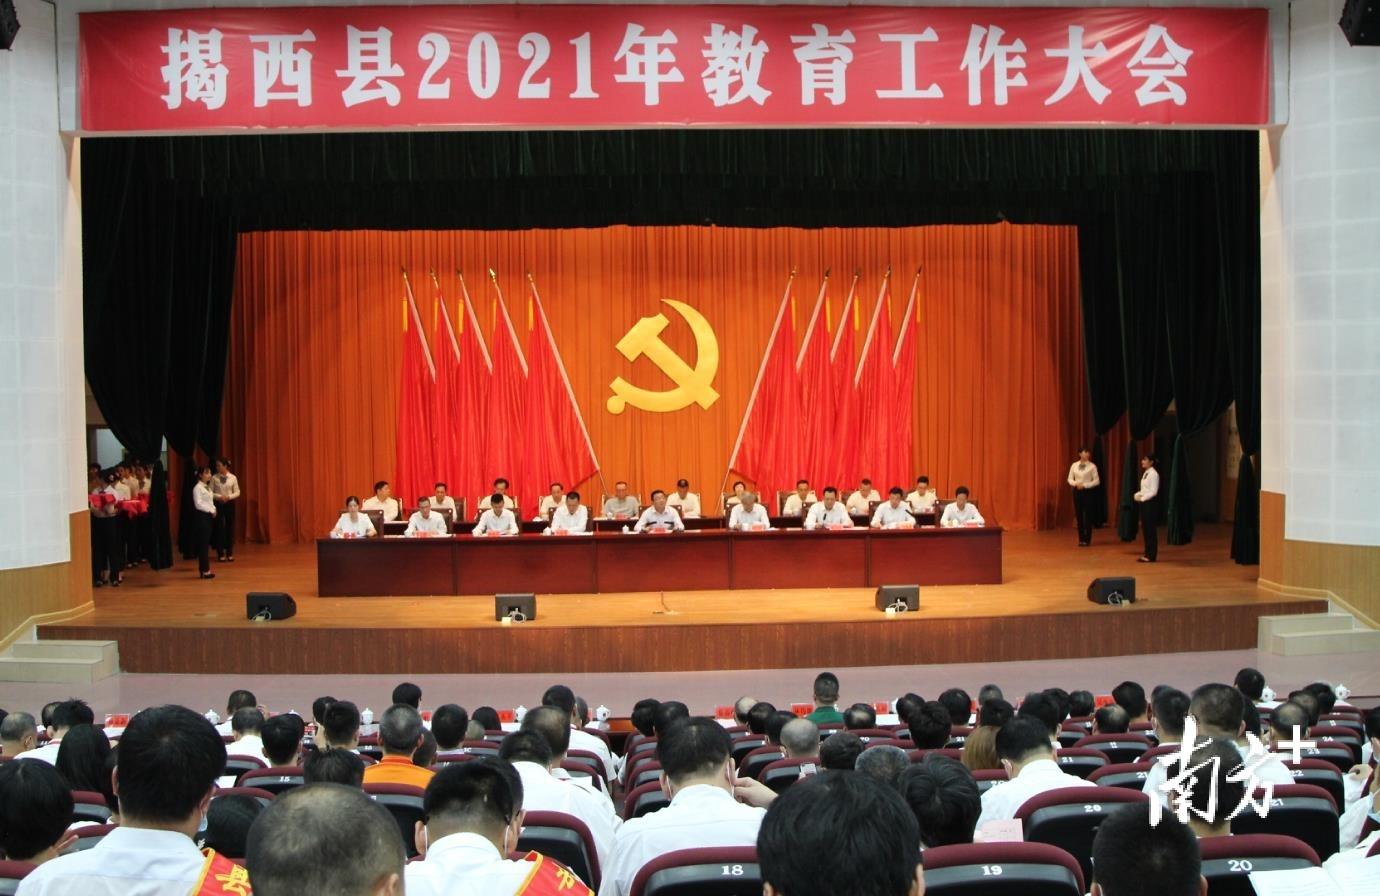 揭西县2021年教育工作大会现场。南方+ 林捷勇 摄